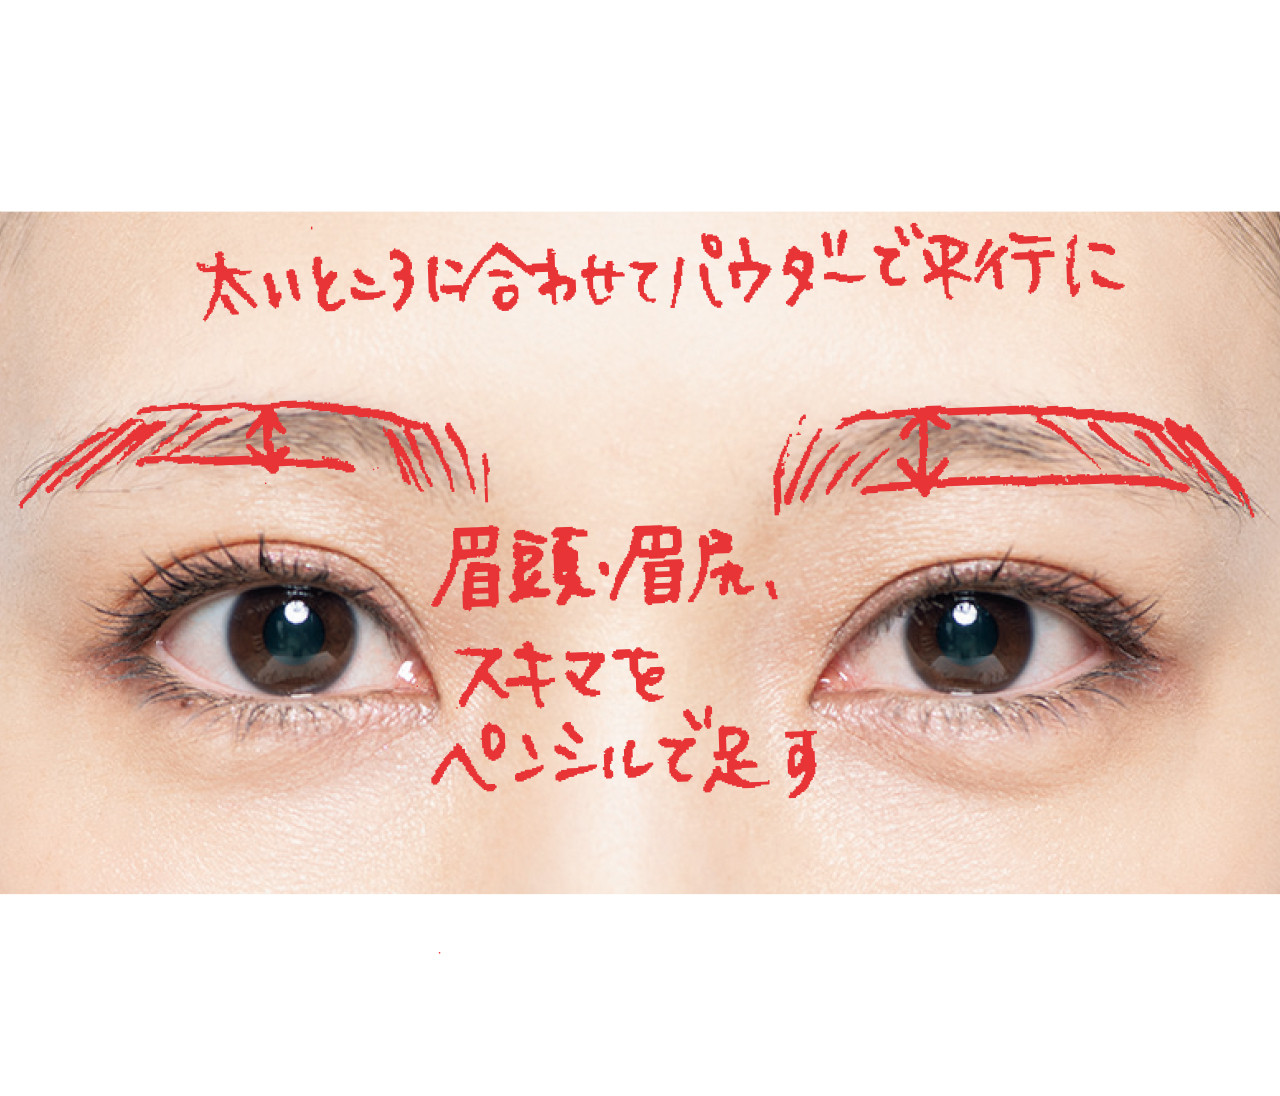 【30代のためのネオ美人眉Q&A5】細眉、アーチ眉、左右の高さが違う眉…お悩み別・美人眉の描き方が、目からウロコのわかりやすさ。